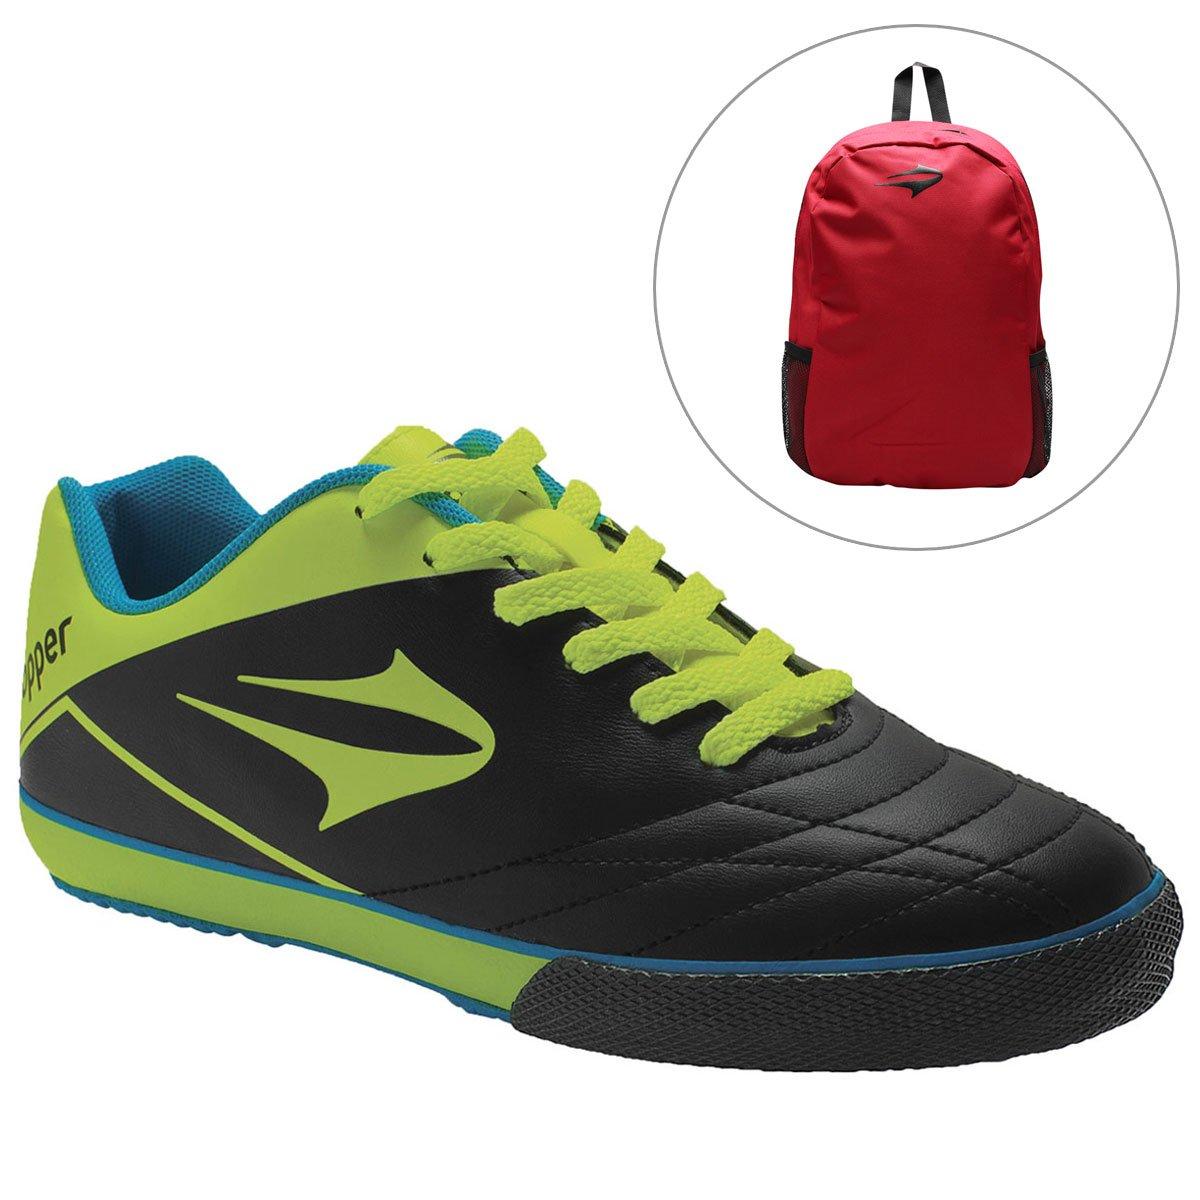 Chuteira Topper Frontier 7 Futsal + Mochila Topper Extreme - Compre Agora  10ebaca468720